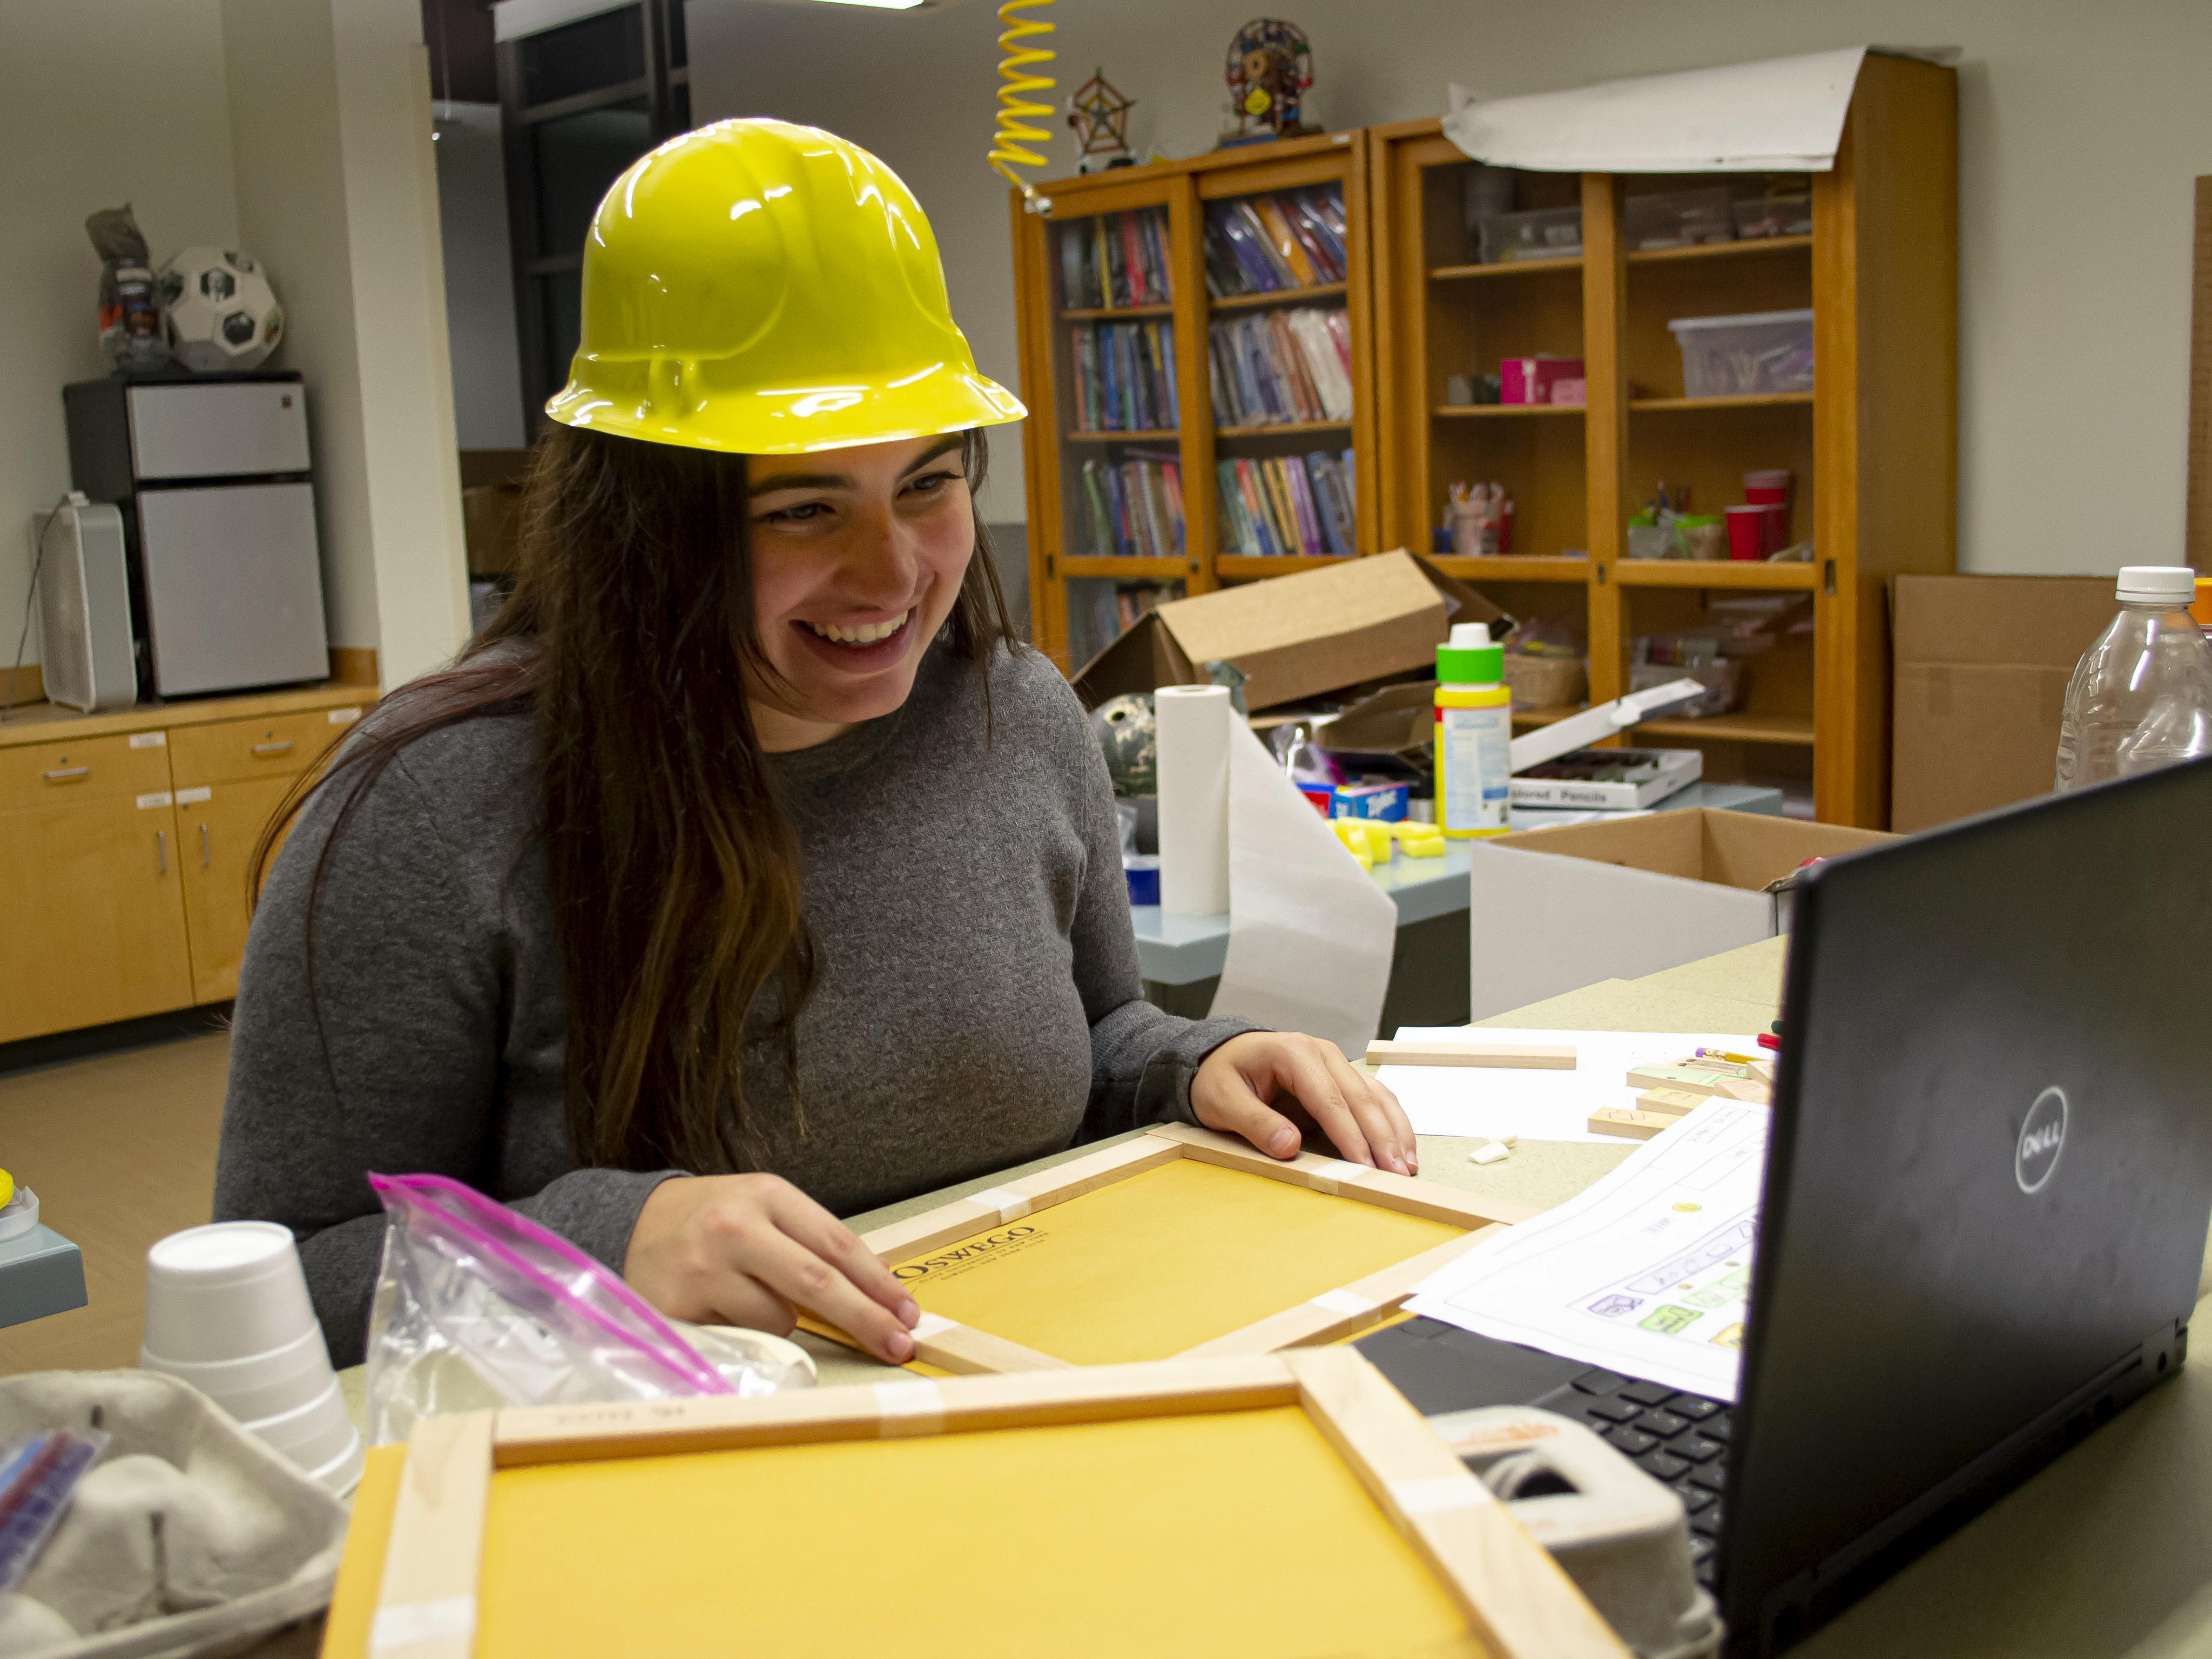 Senior technology education major Gabrielle Bloise delivers a STEM 4 Kids lesson